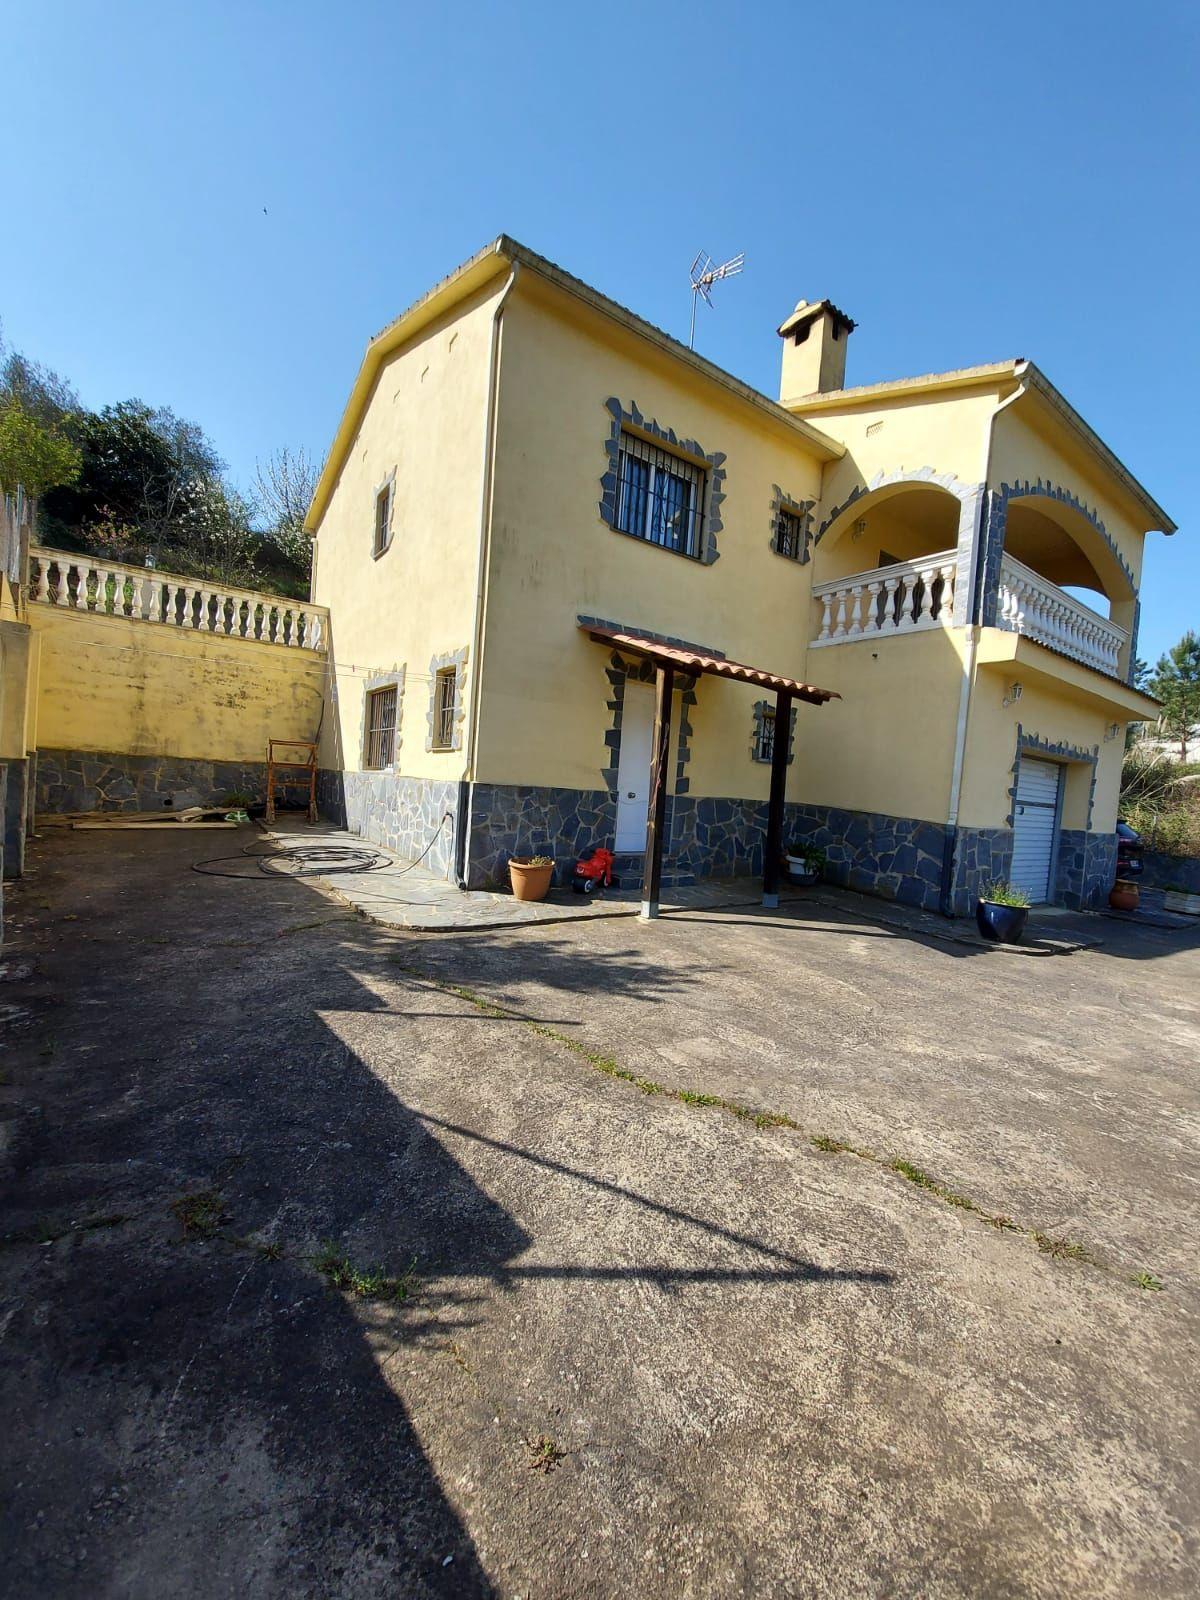 Casa en venta en Can Vives de Baix, Vidreres, Girona, Heures, 240.000 €, 3 habitaciones, 2 baños, 155 m2